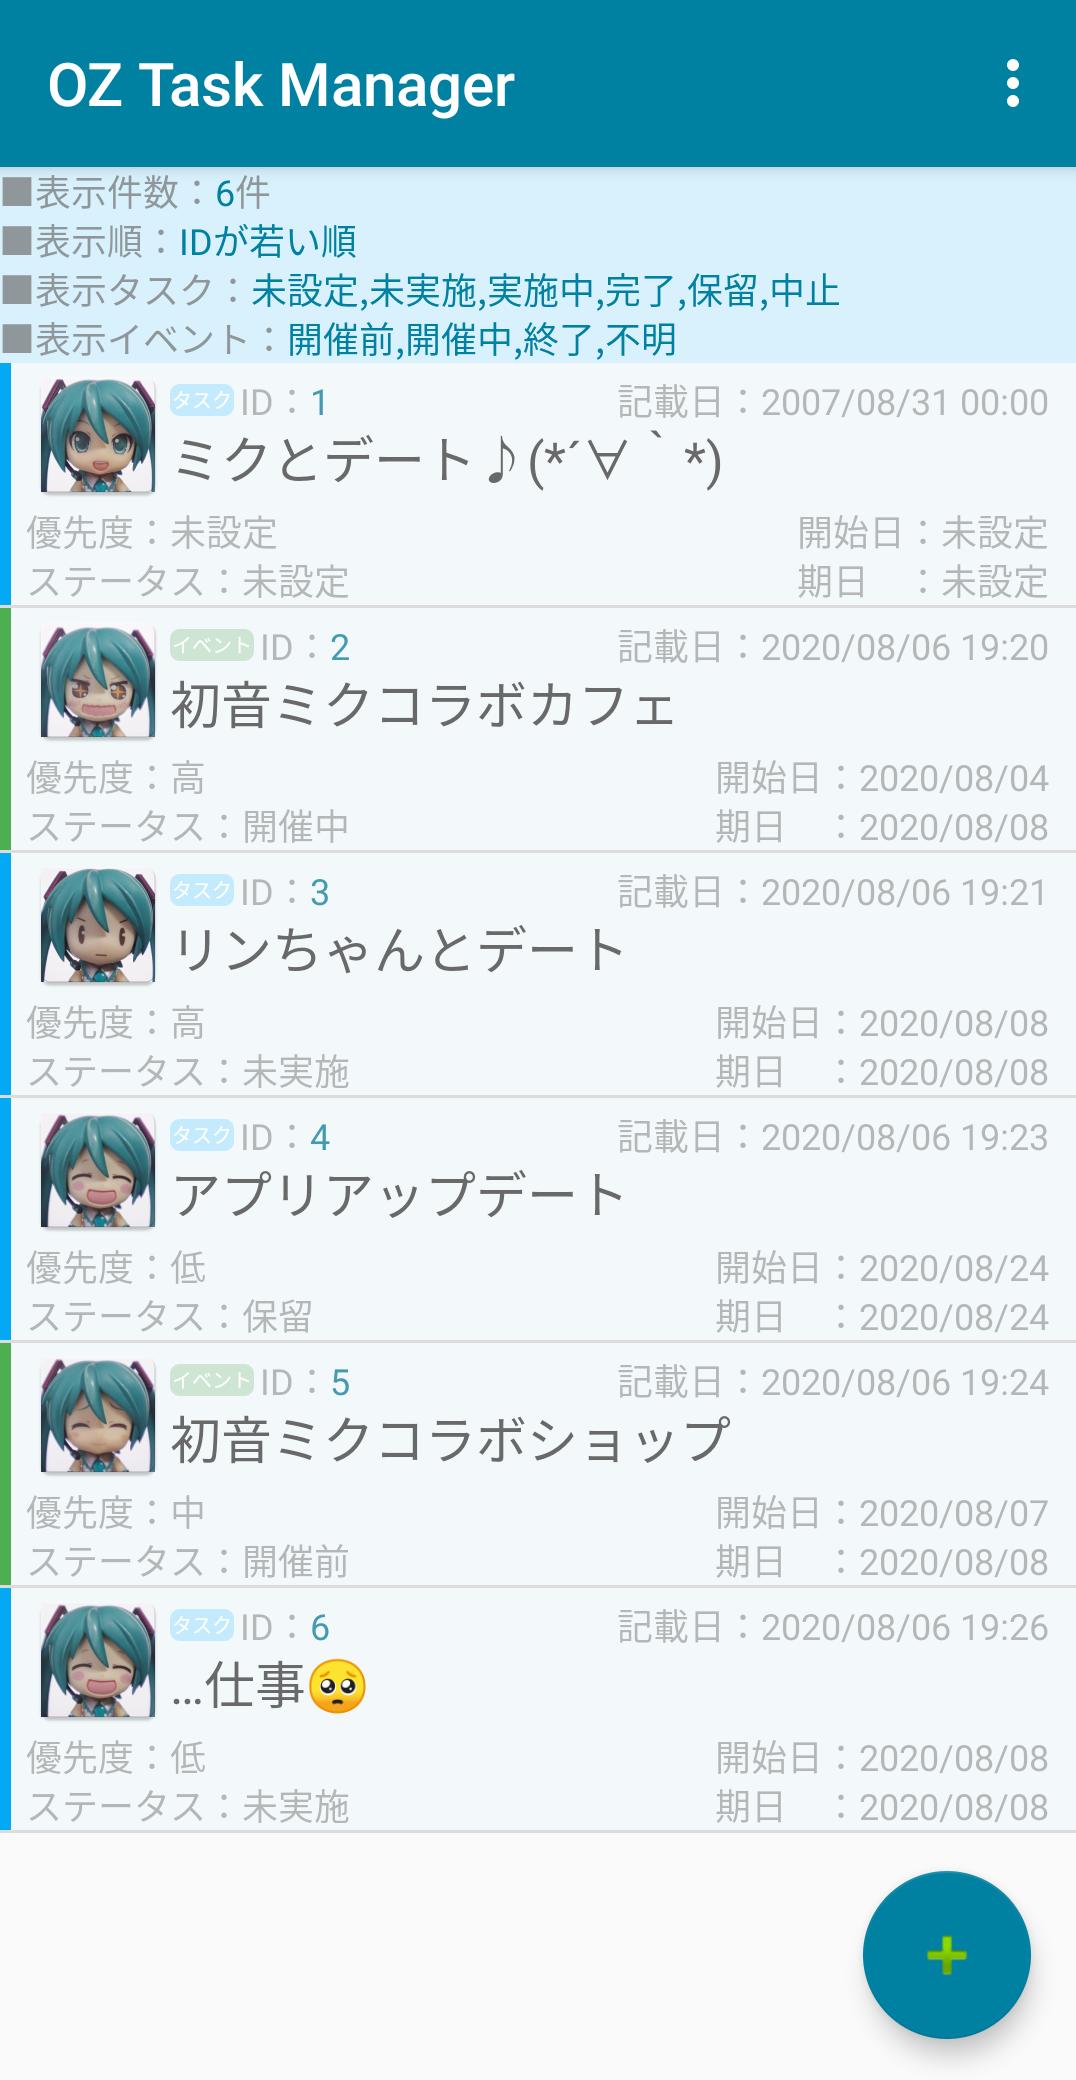 スクリーンショット002